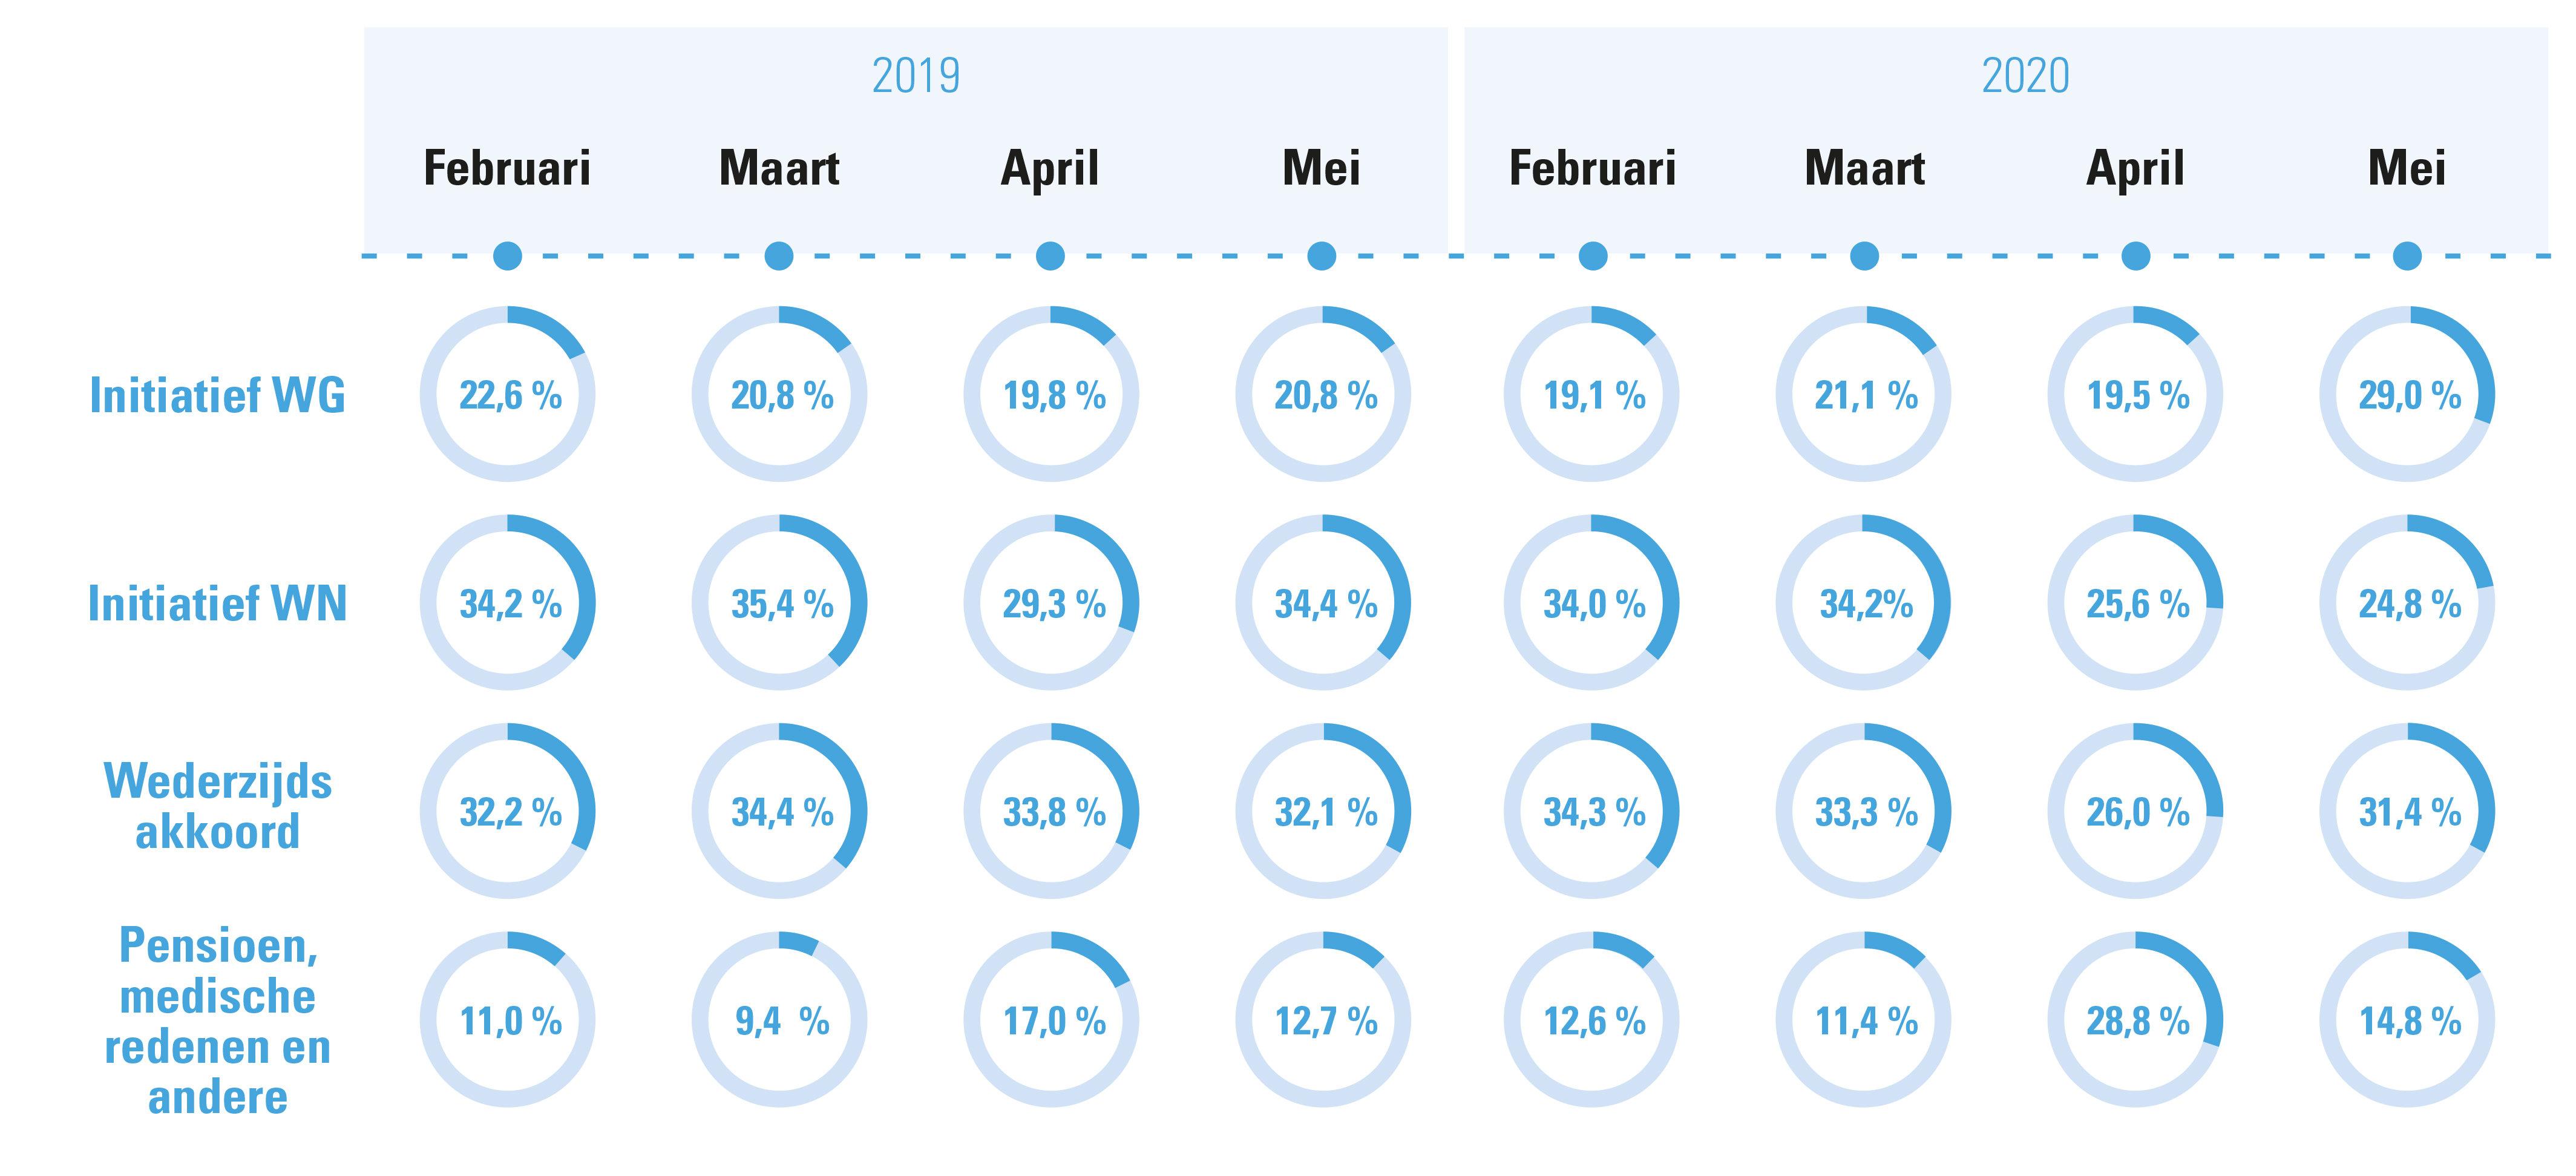 Figuur 2: Initiatief beëindiging contracten onbepaalde duur, feb/ma/april/mei 2020 vs. 2019